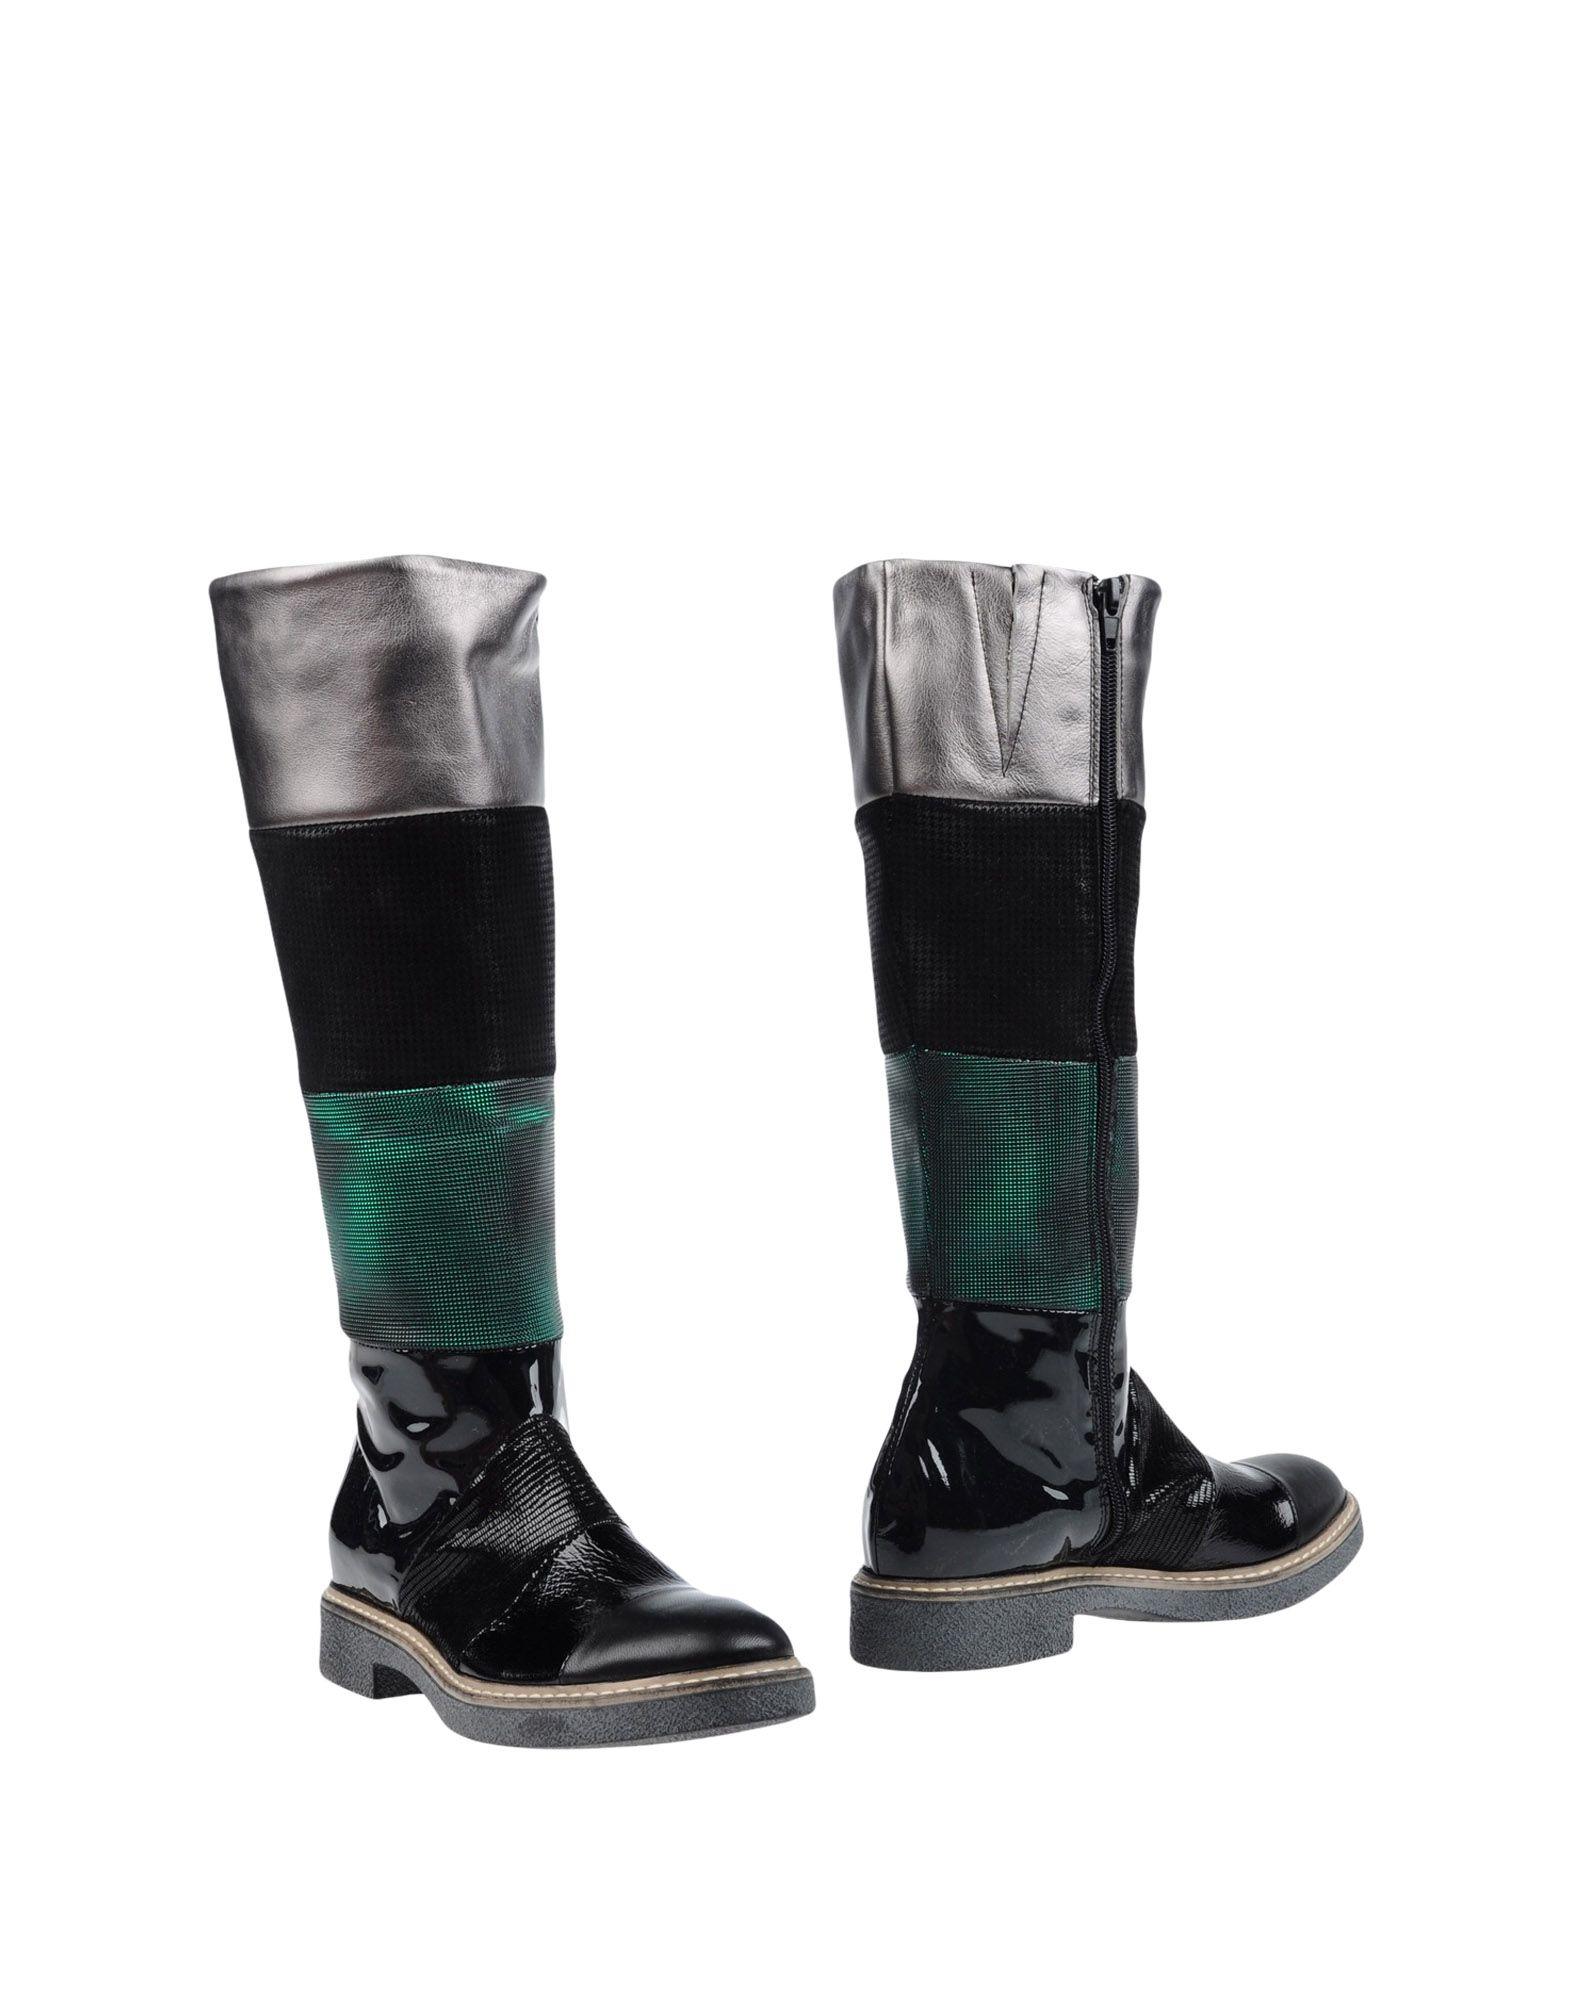 Billig-3383,Ebarrito Stiefel Damen Gutes Preis-Leistungs-Verhältnis, sich es lohnt sich Preis-Leistungs-Verhältnis, 7a260e